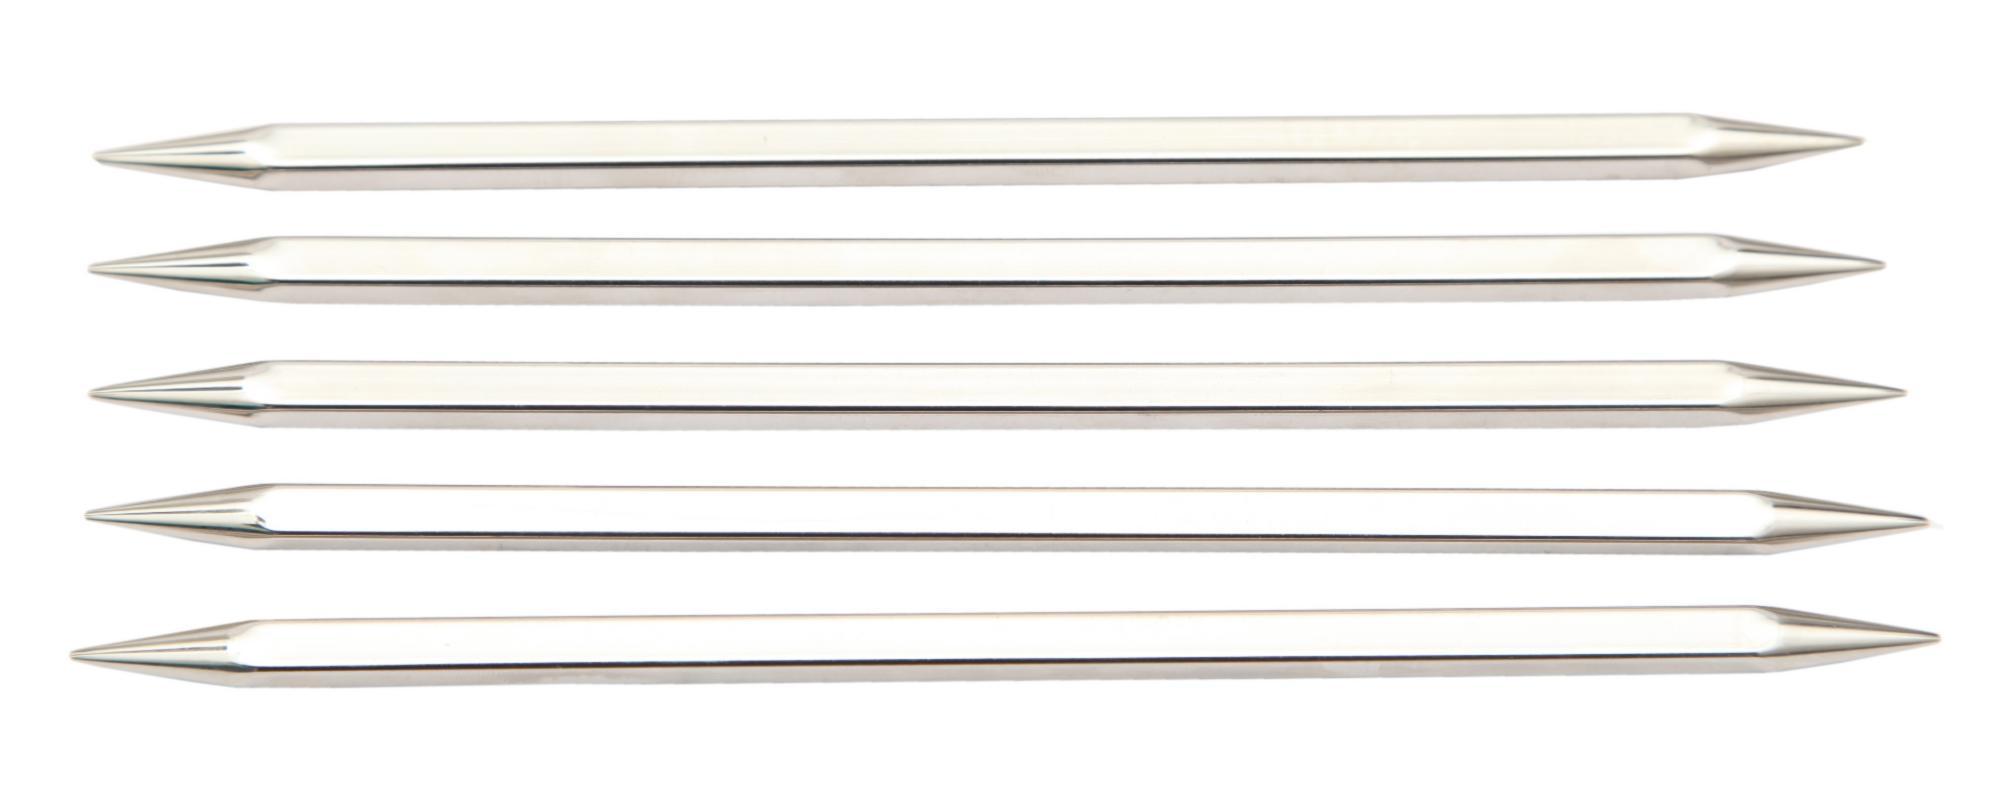 Спицы носочные 15 см Nova Cubics KnitPro, 12110, 4.50 мм